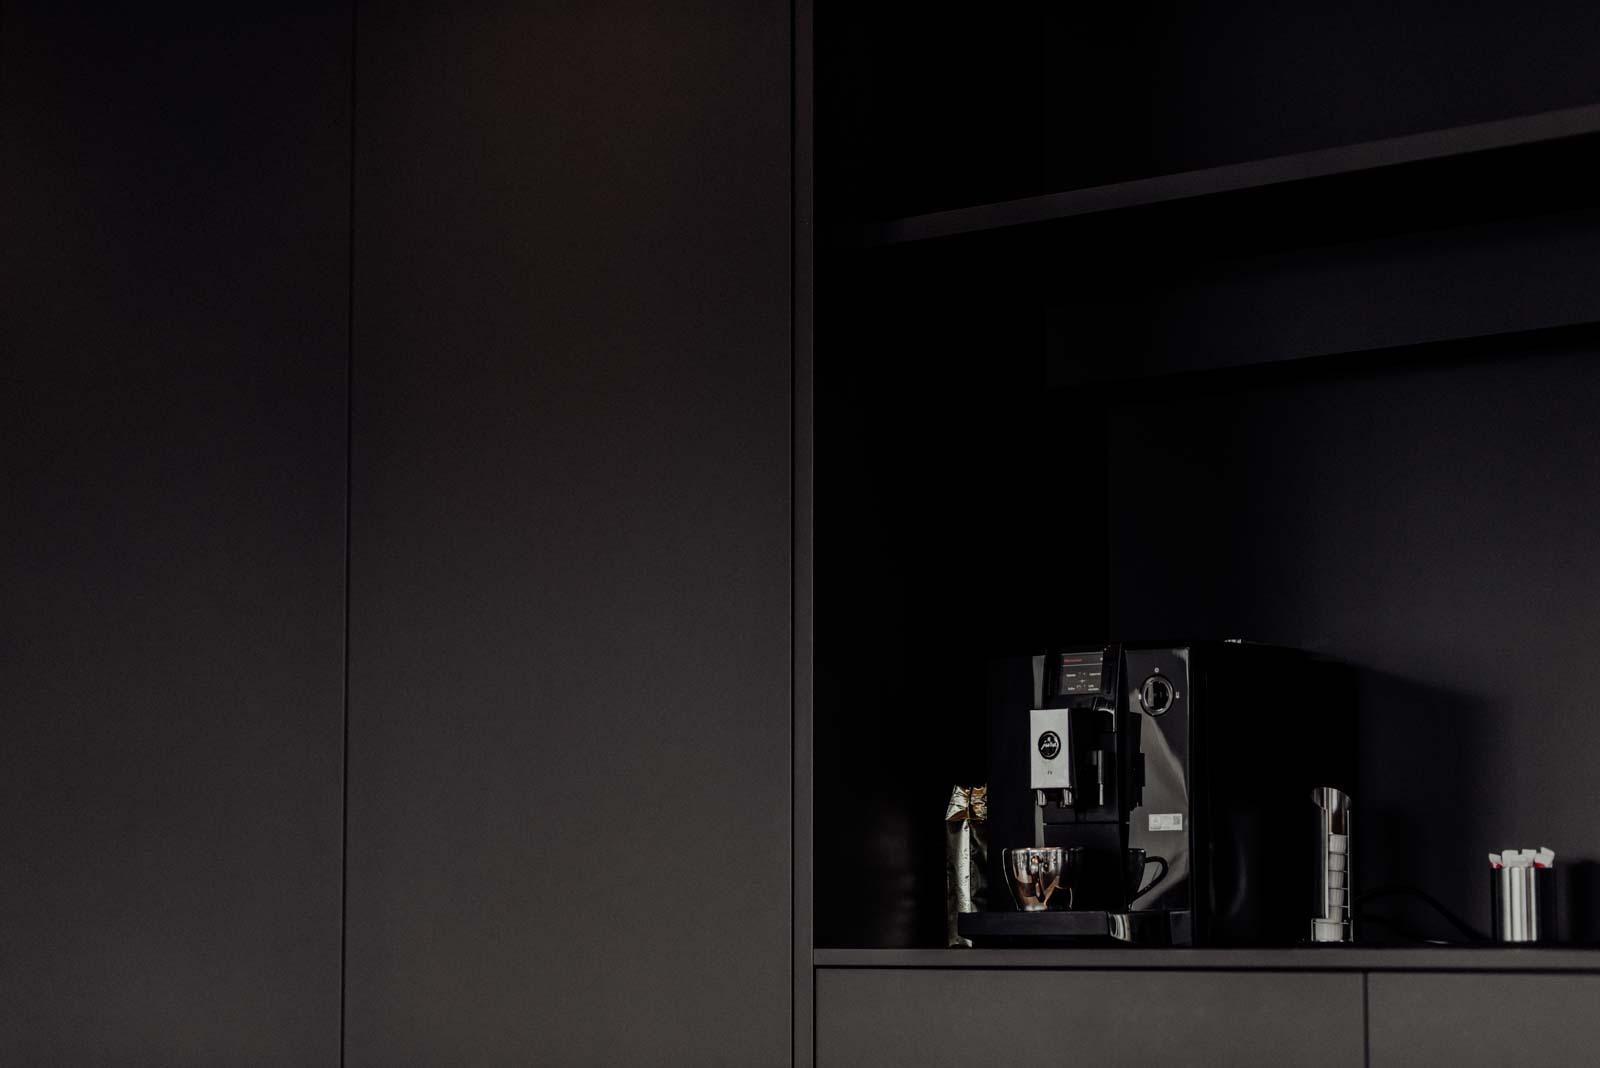 Stylische Kaffeemaschine und Kaffeeecke im Büro